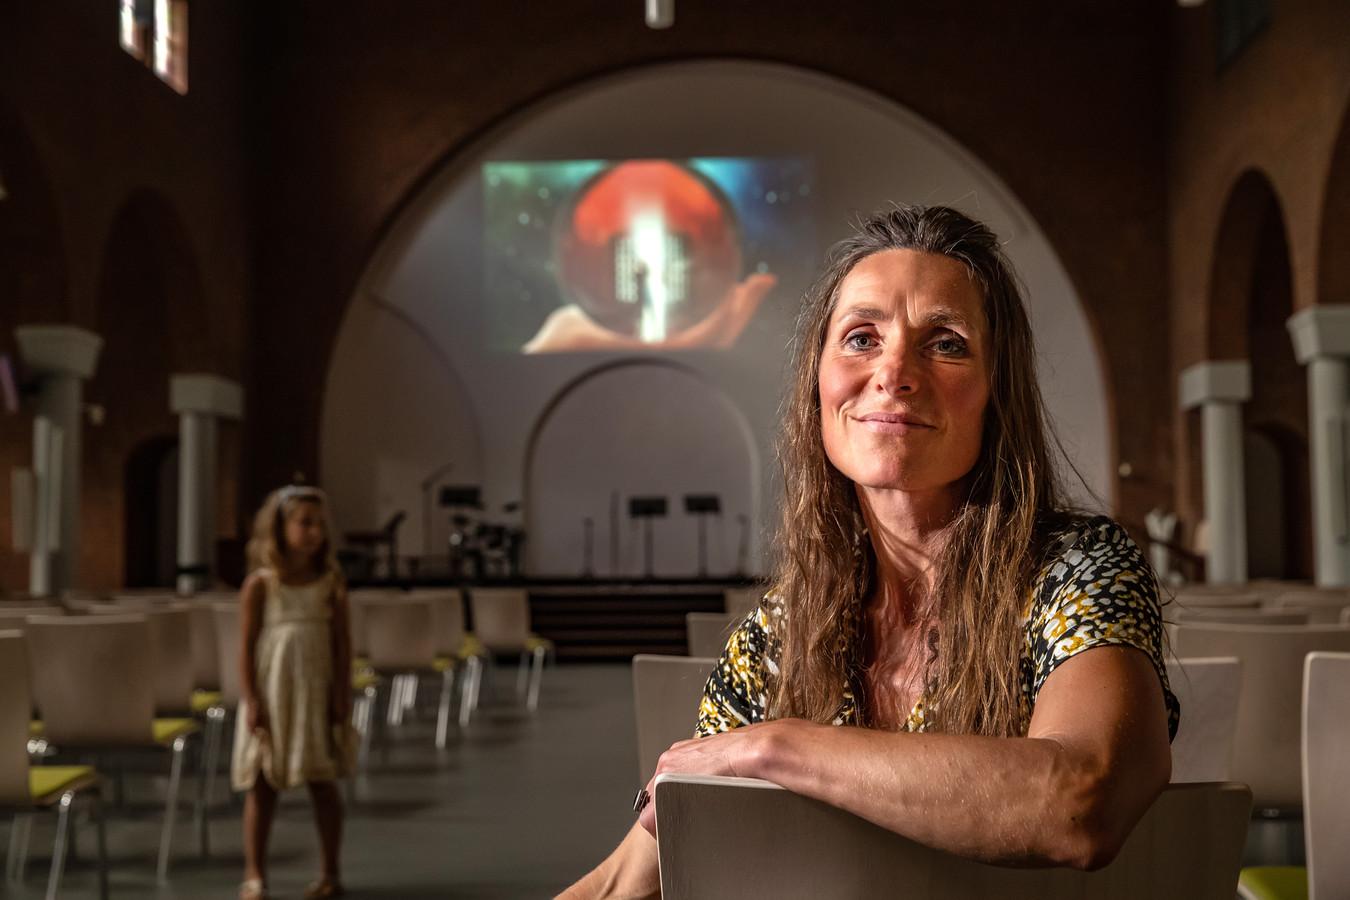 Judith de Rijk is trots op het eindresultaat van de 'troostfilm' 'Heb het leven lief'. De film werd zaterdag en zondag in de Koningskerk in Deventer getoond. Ook haar dochter Daphne (op de achtergrond) is mee om de film te bekijken.